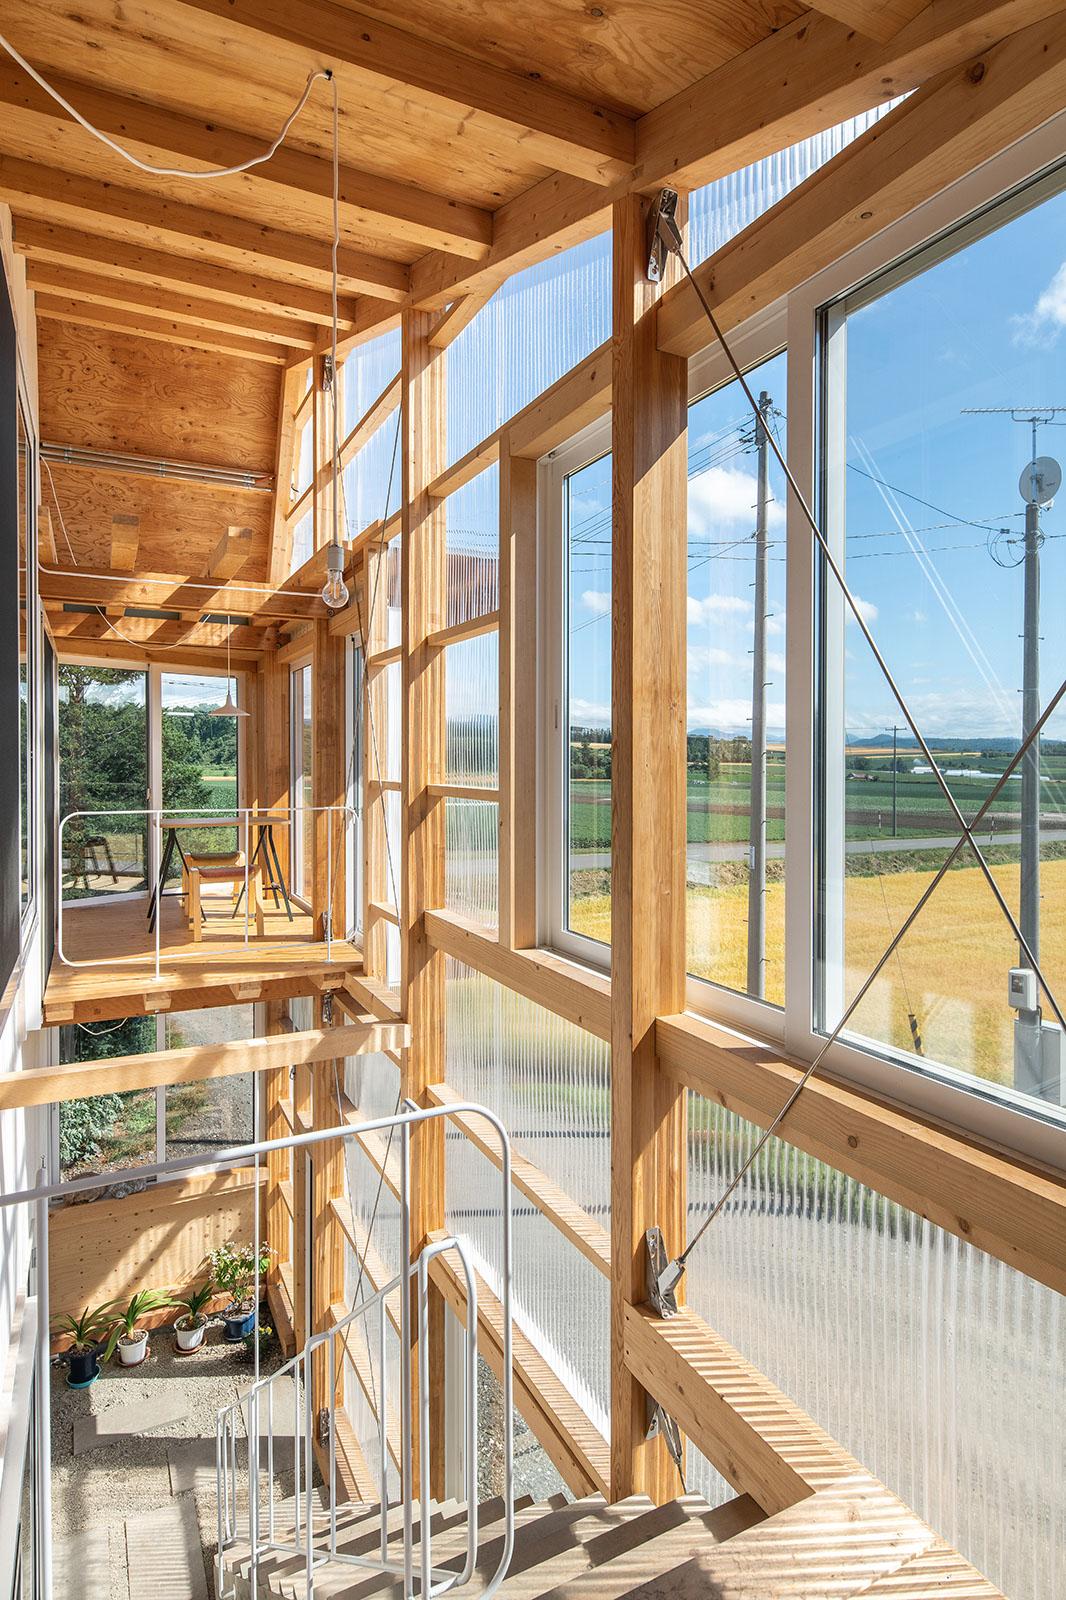 建物の南西面に増築された半屋外空間の外壁には、ポリカーボネートを採用。厳冬期でも良く晴れた日には、陽射しの効果で室温は20℃前後に保たれるという